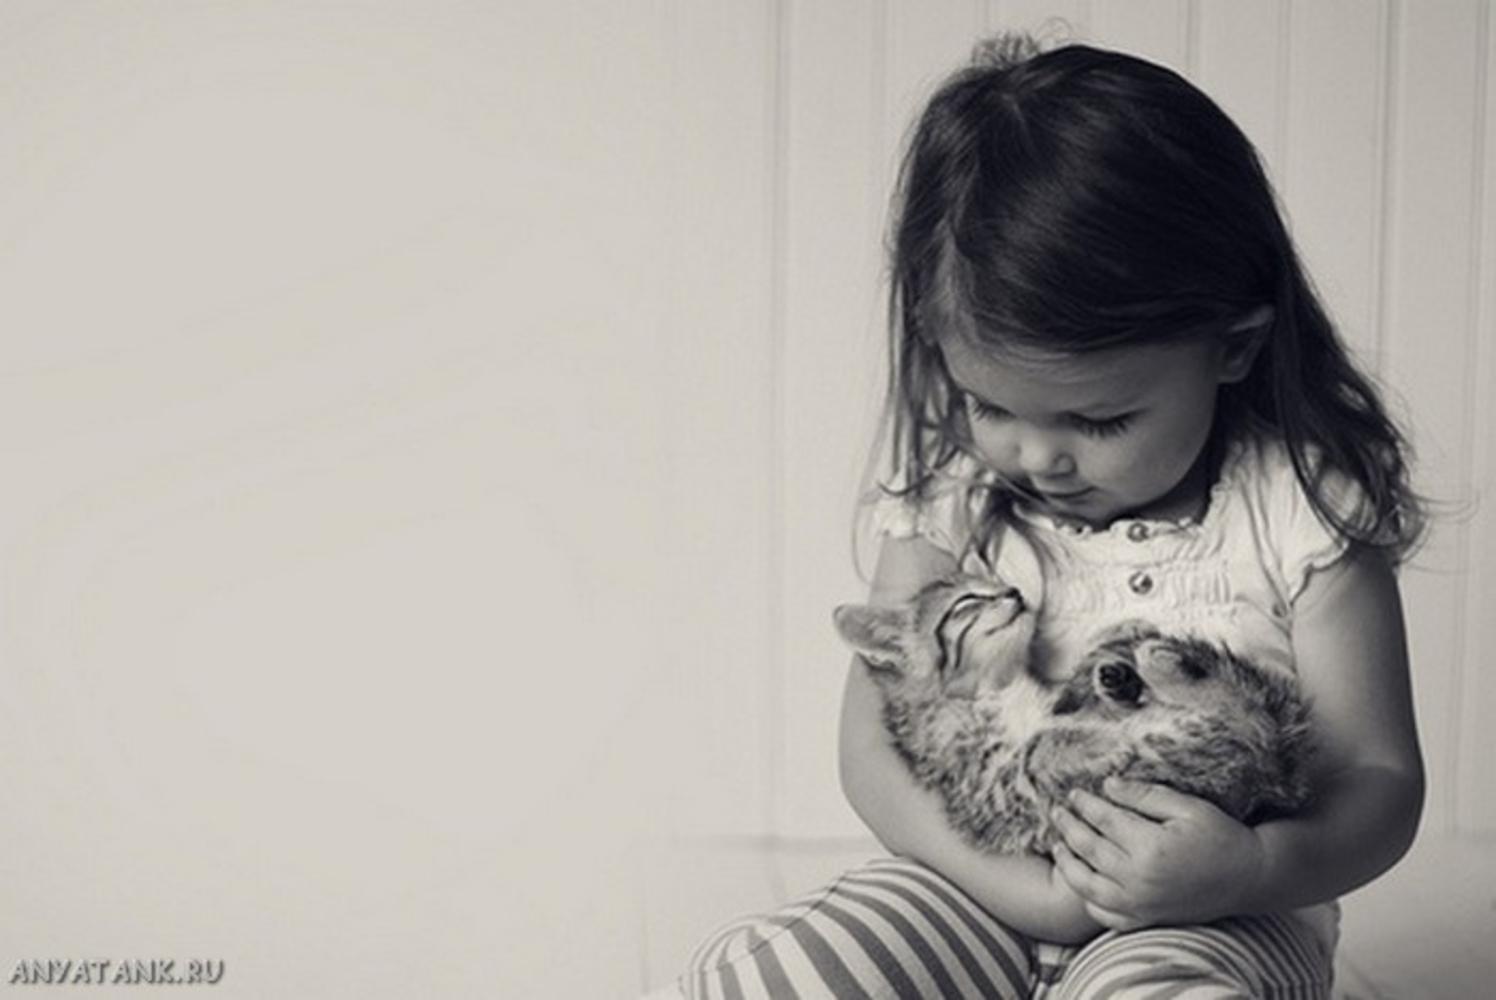 Картинки анимация, картинки про любовь к животным с надписями